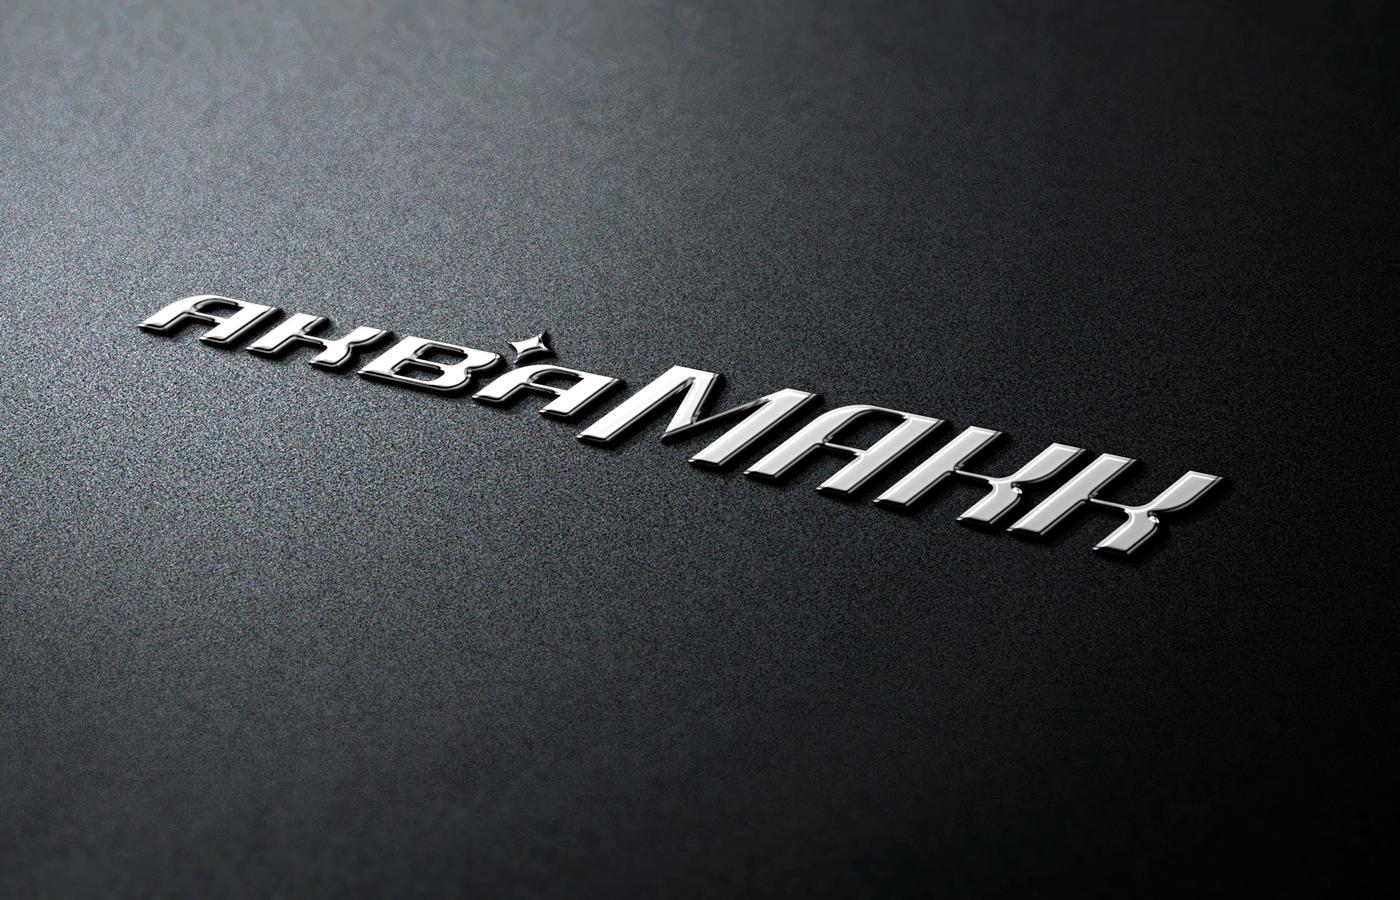 Разработка логотипа для линейки продуктов в стиле леттеринг фото f_5105a053a3e8e44a.jpg